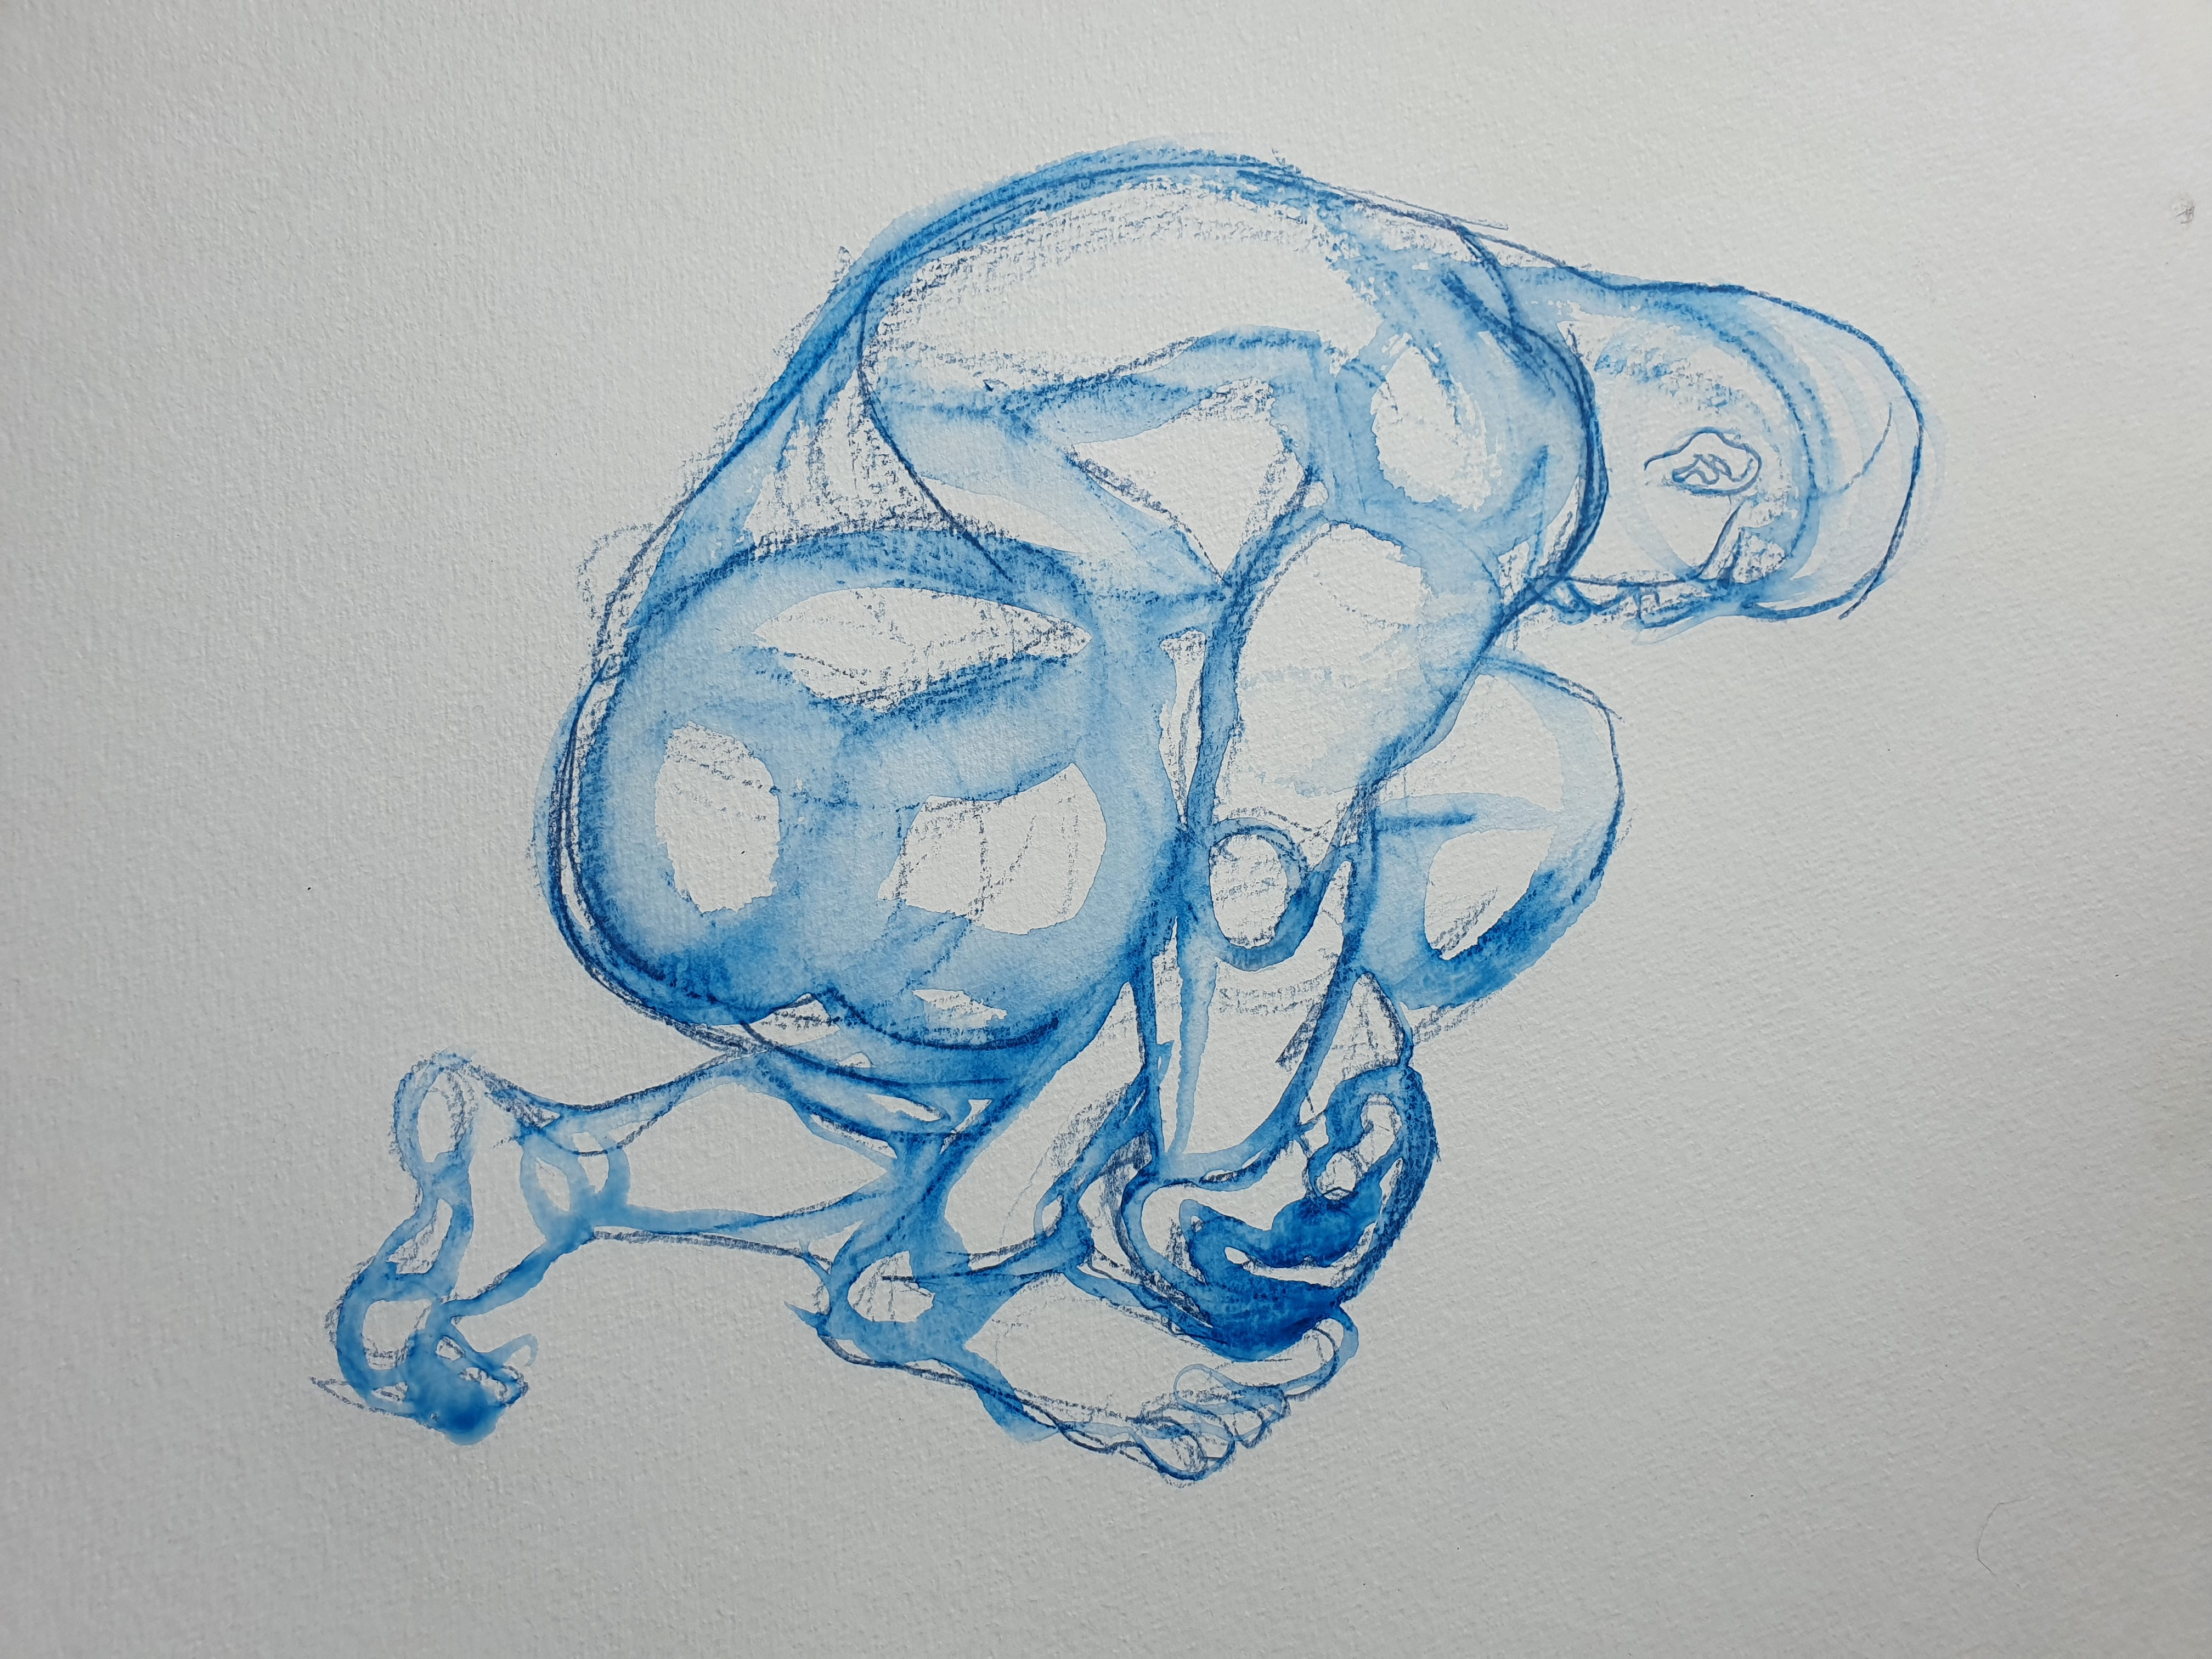 Dessin technique mixte bleu pose groupée homme aquarelle sur papier  cours de dessin